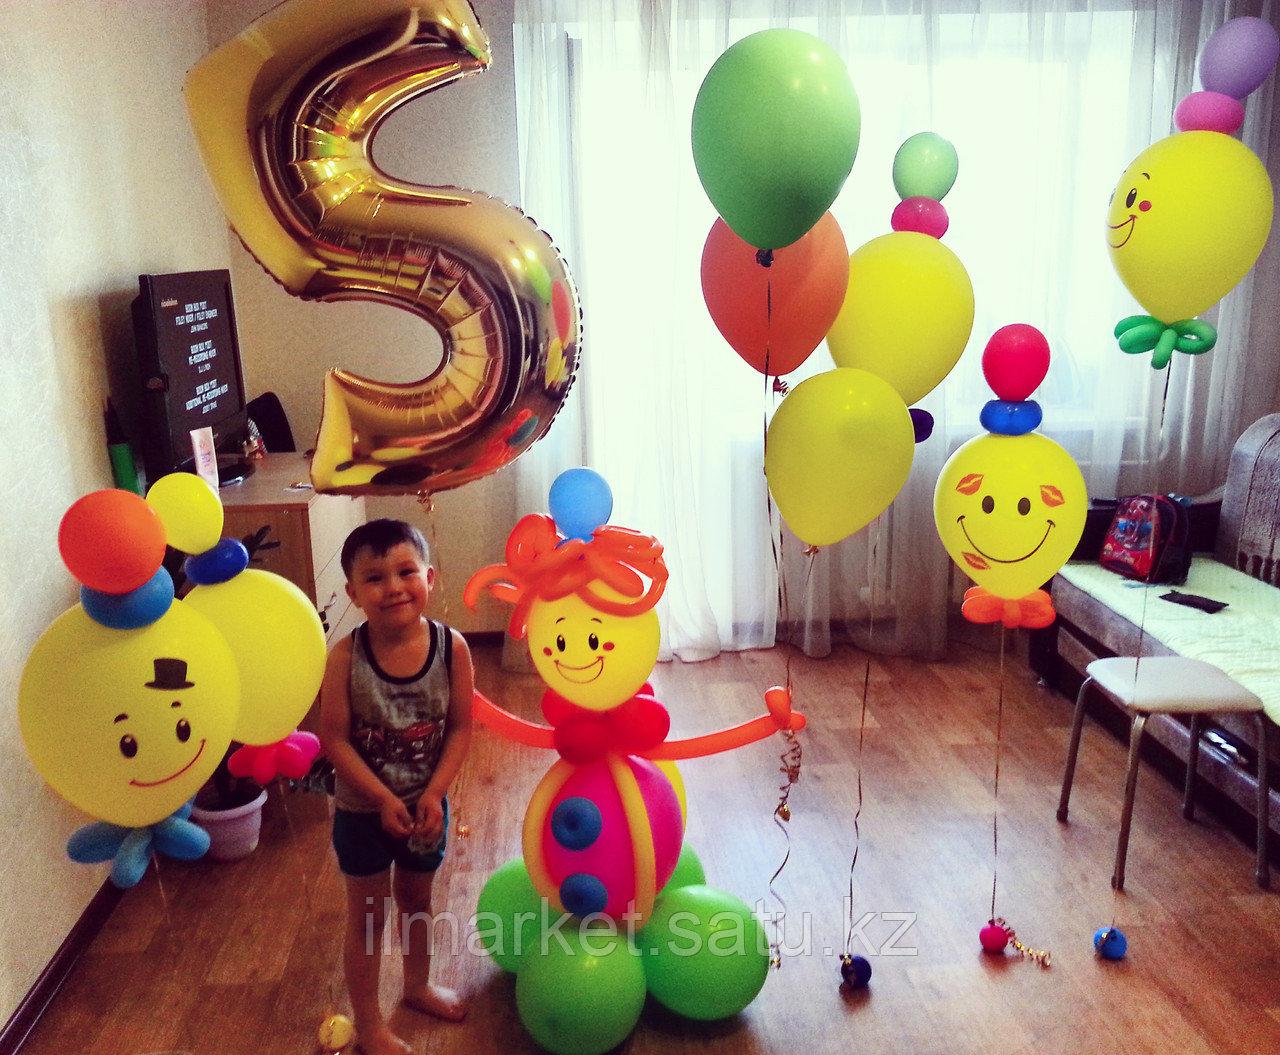 Цифра 5 с Клоуном и ходячие шарики смайлы Клоуны - фото 1